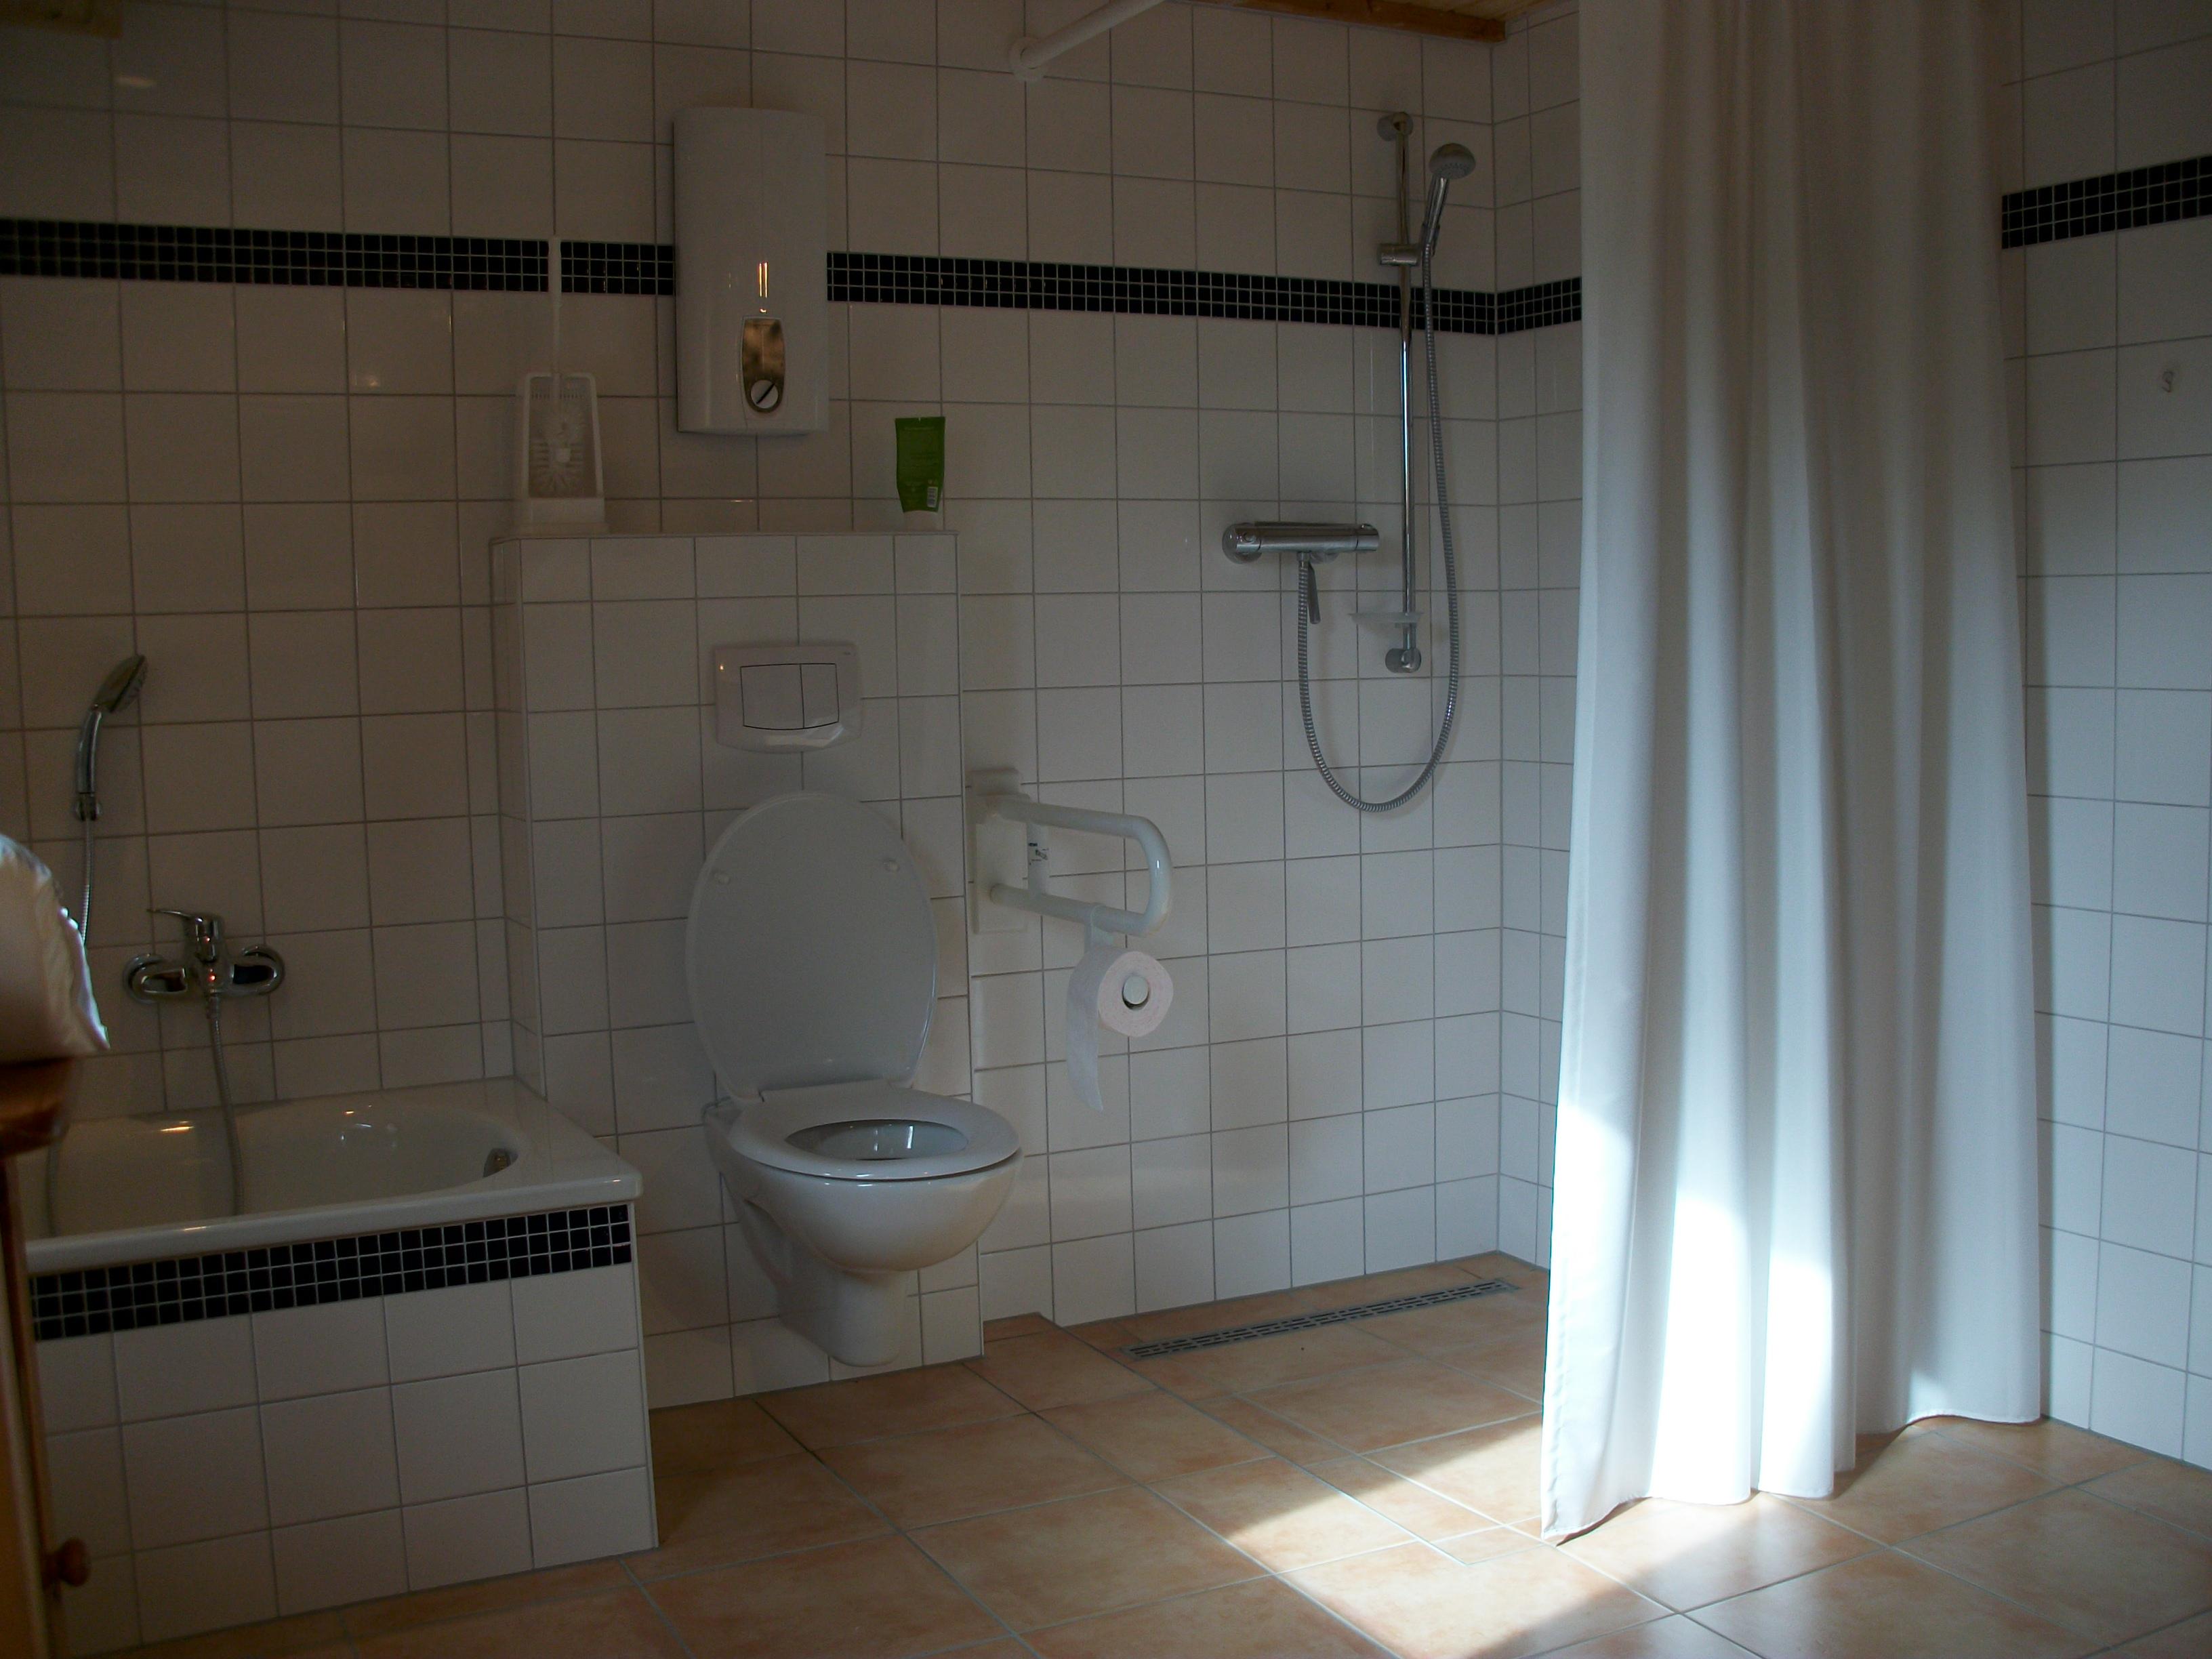 Bad Im Erdgeschoss Dusche, WC Wanne